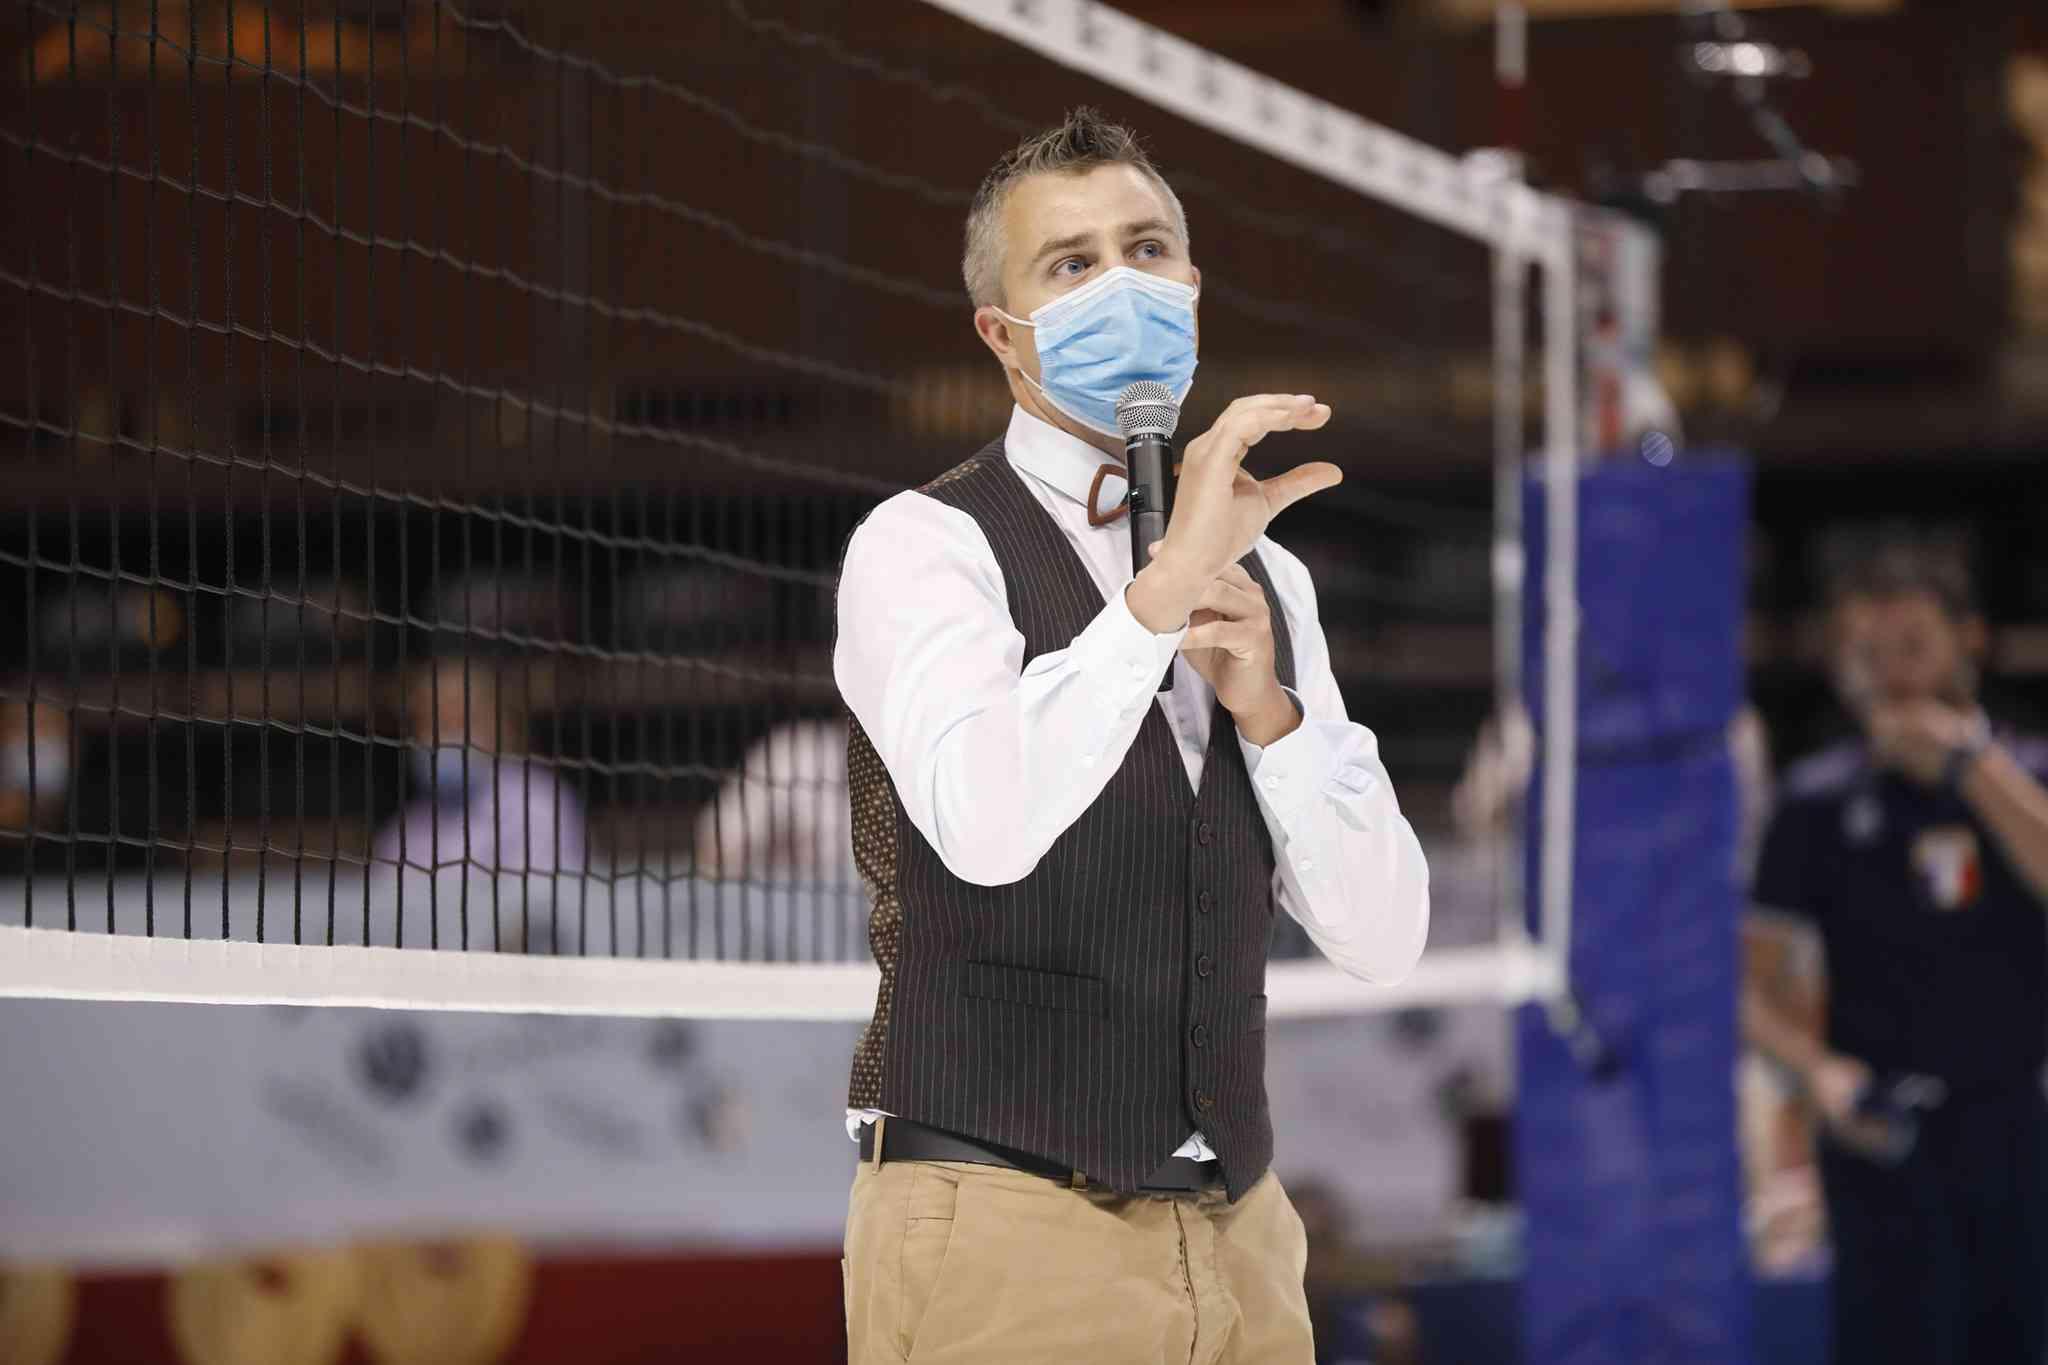 Yoan, ambianceur DJ et speaker pour les Finales de Coupe de France de Volley